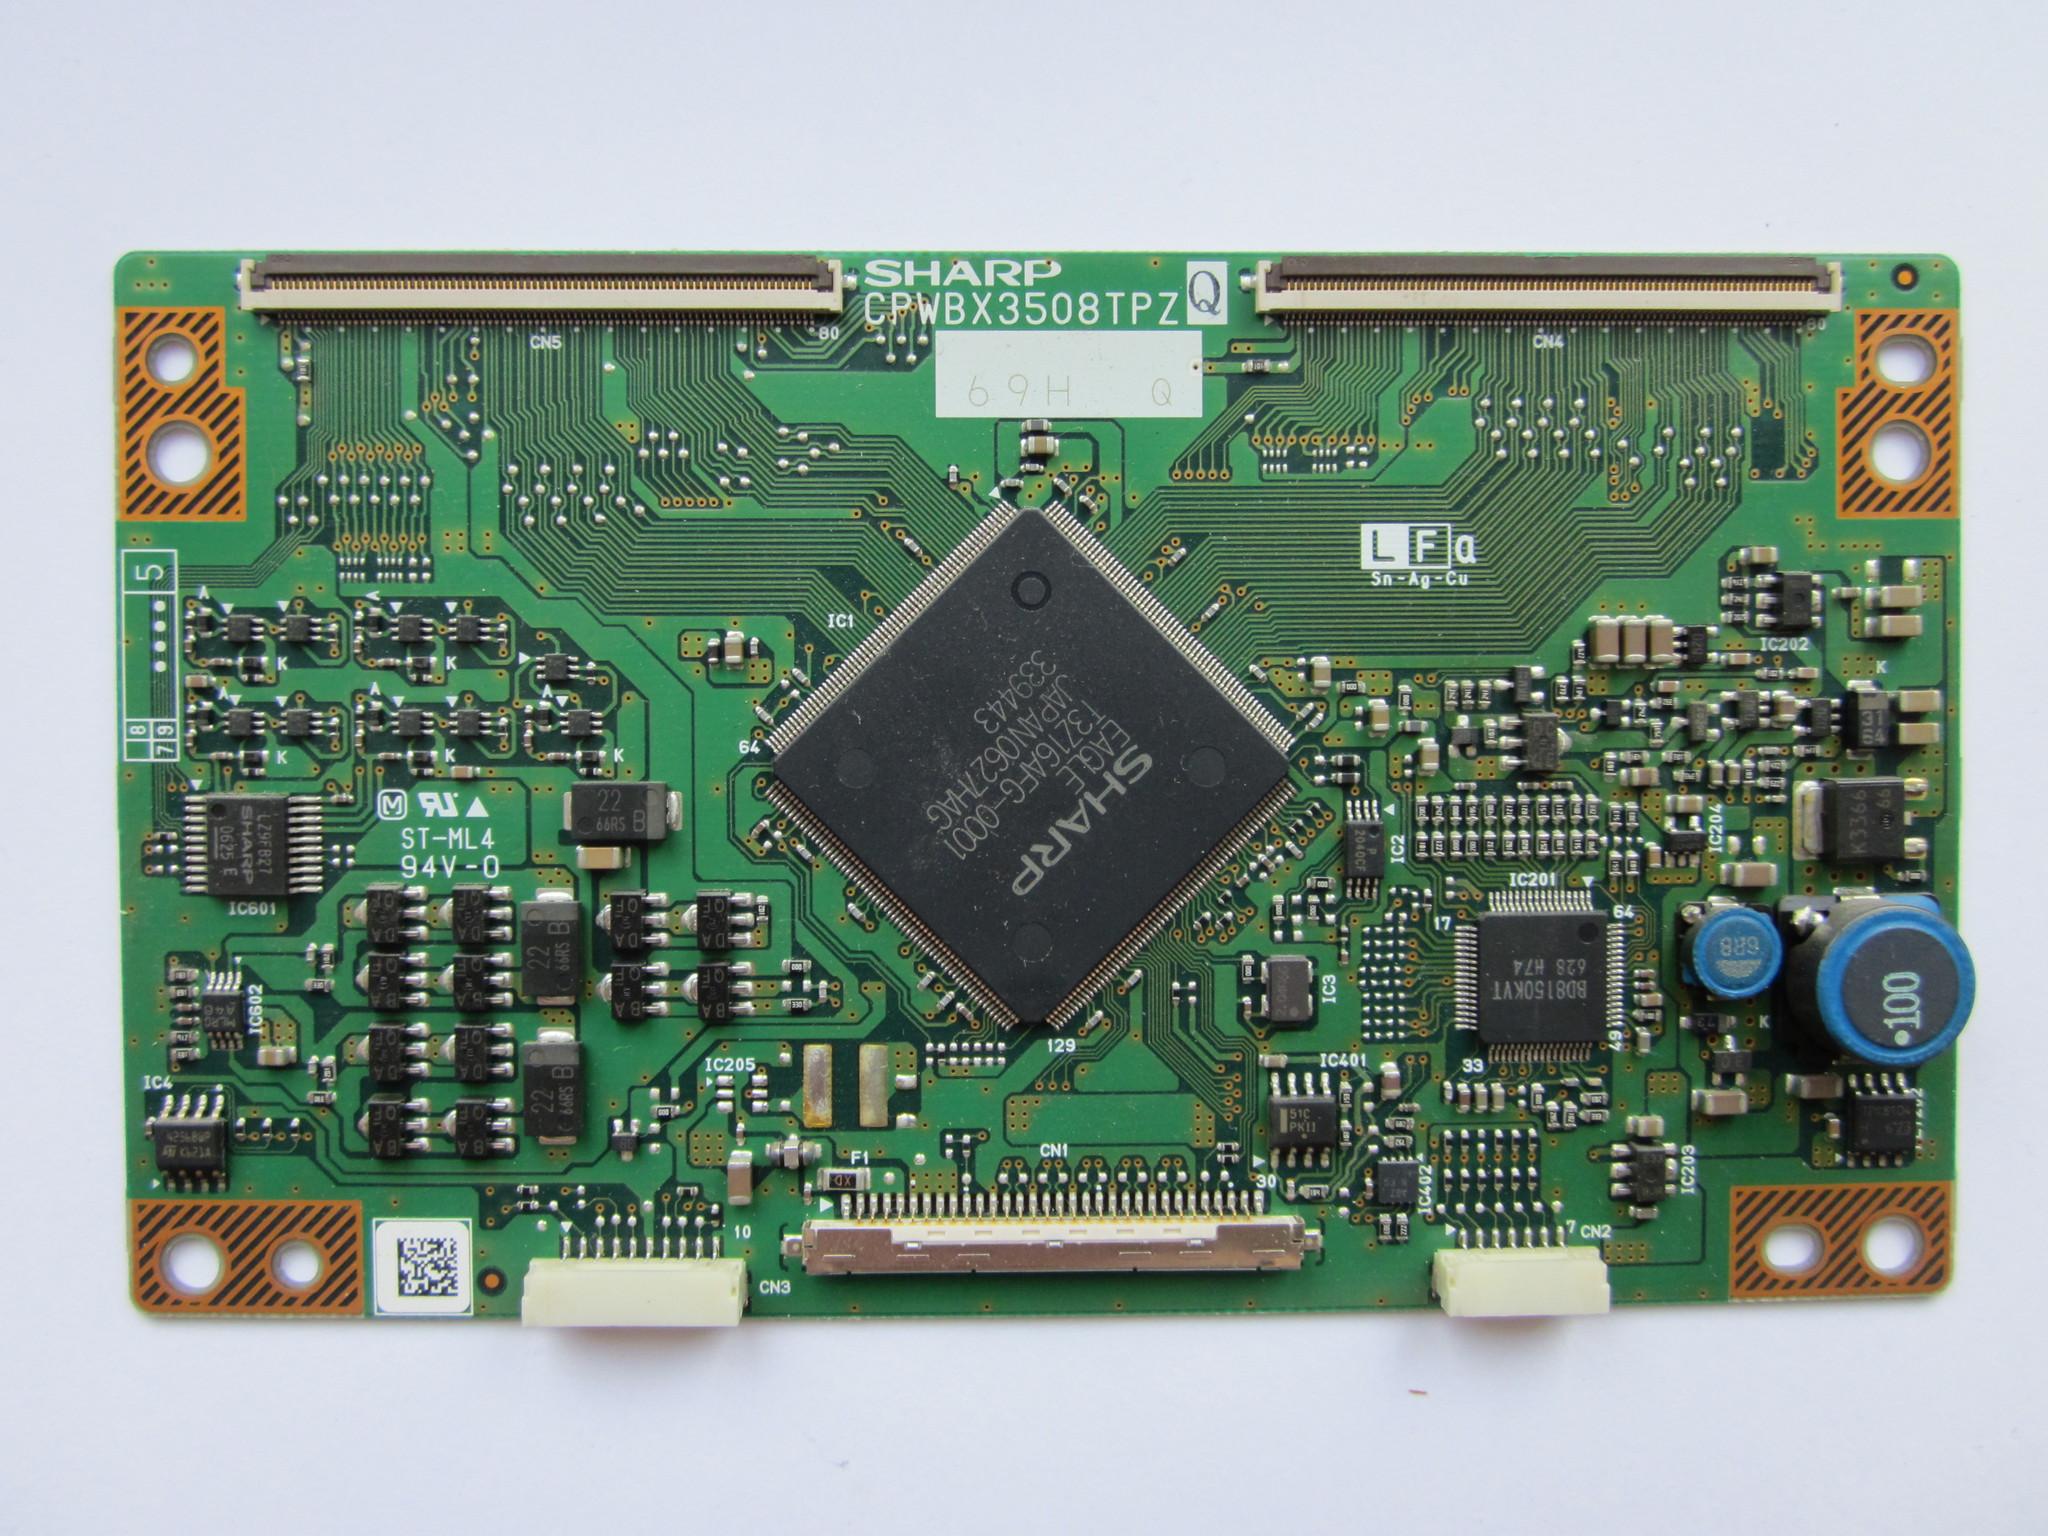 CPWBX3508TPZ T-CON